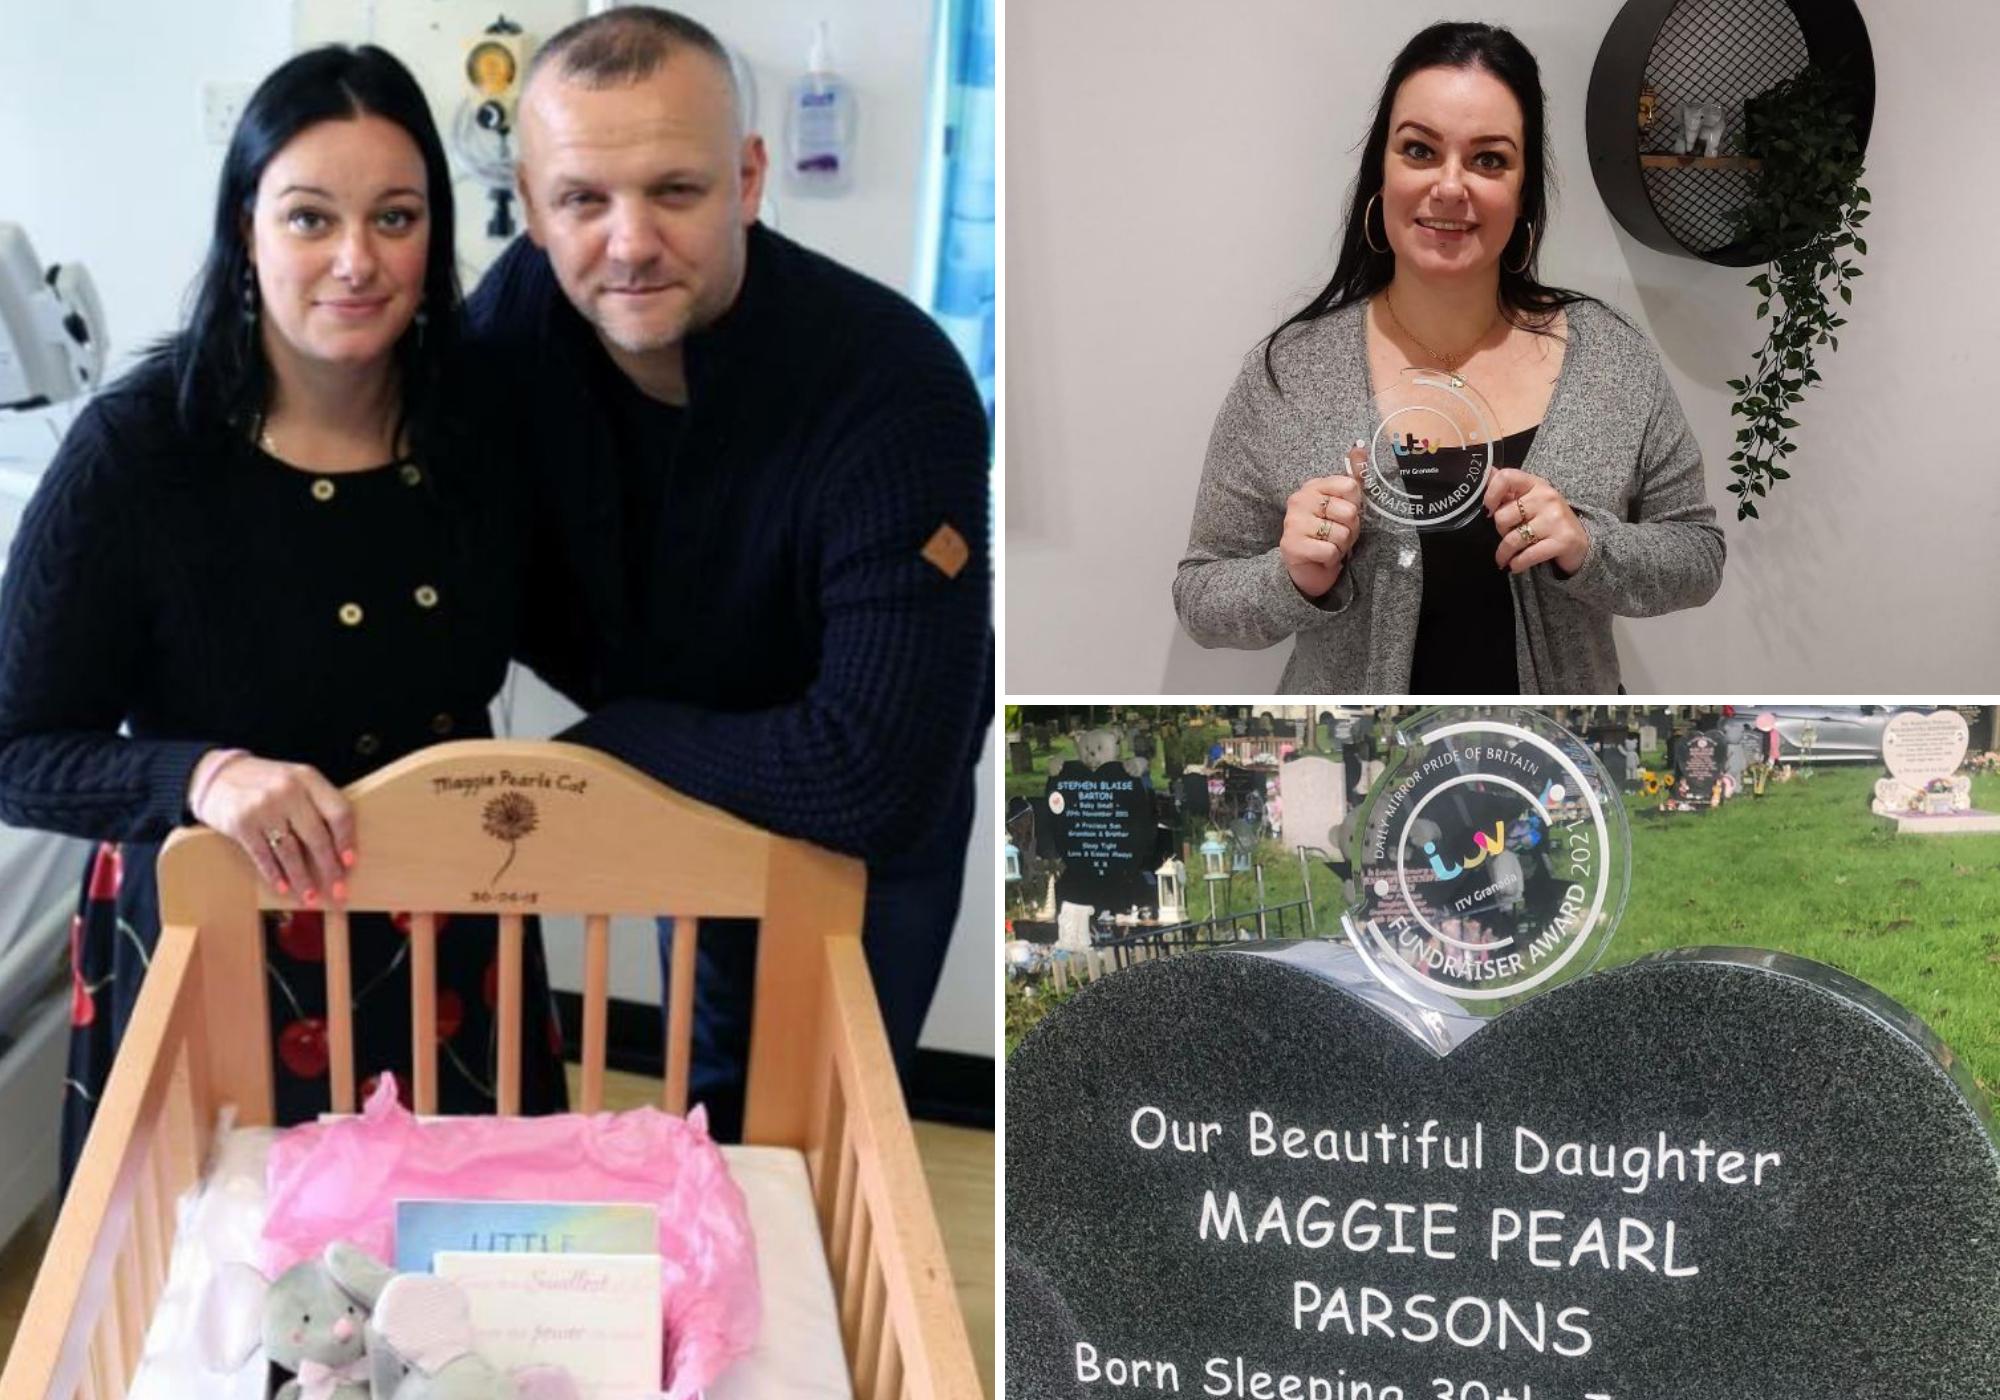 Penghargaan Pride of Britain untuk ibu Blackburn yang memulai penggalangan dana untuk menghormati putrinya yang lahir mati